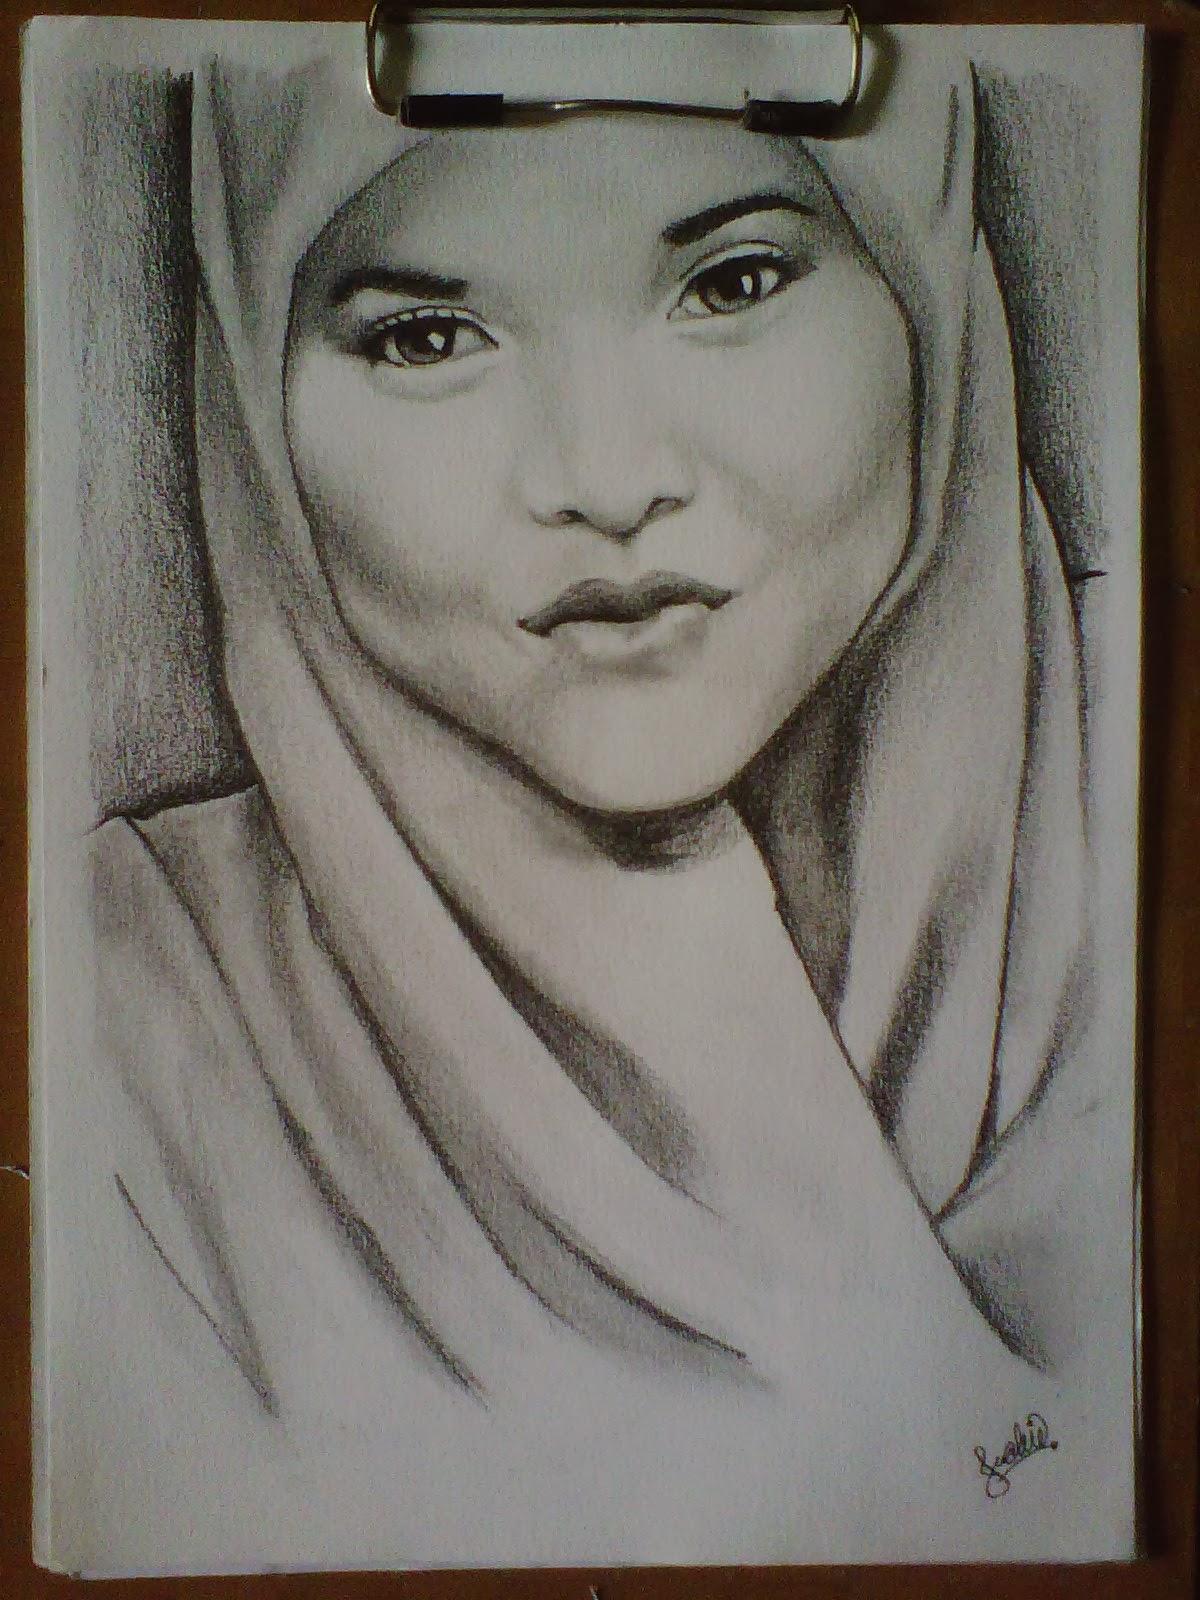 Koleksi Gambar Sketsa Wajah Wanita Berhijab Dari Samping